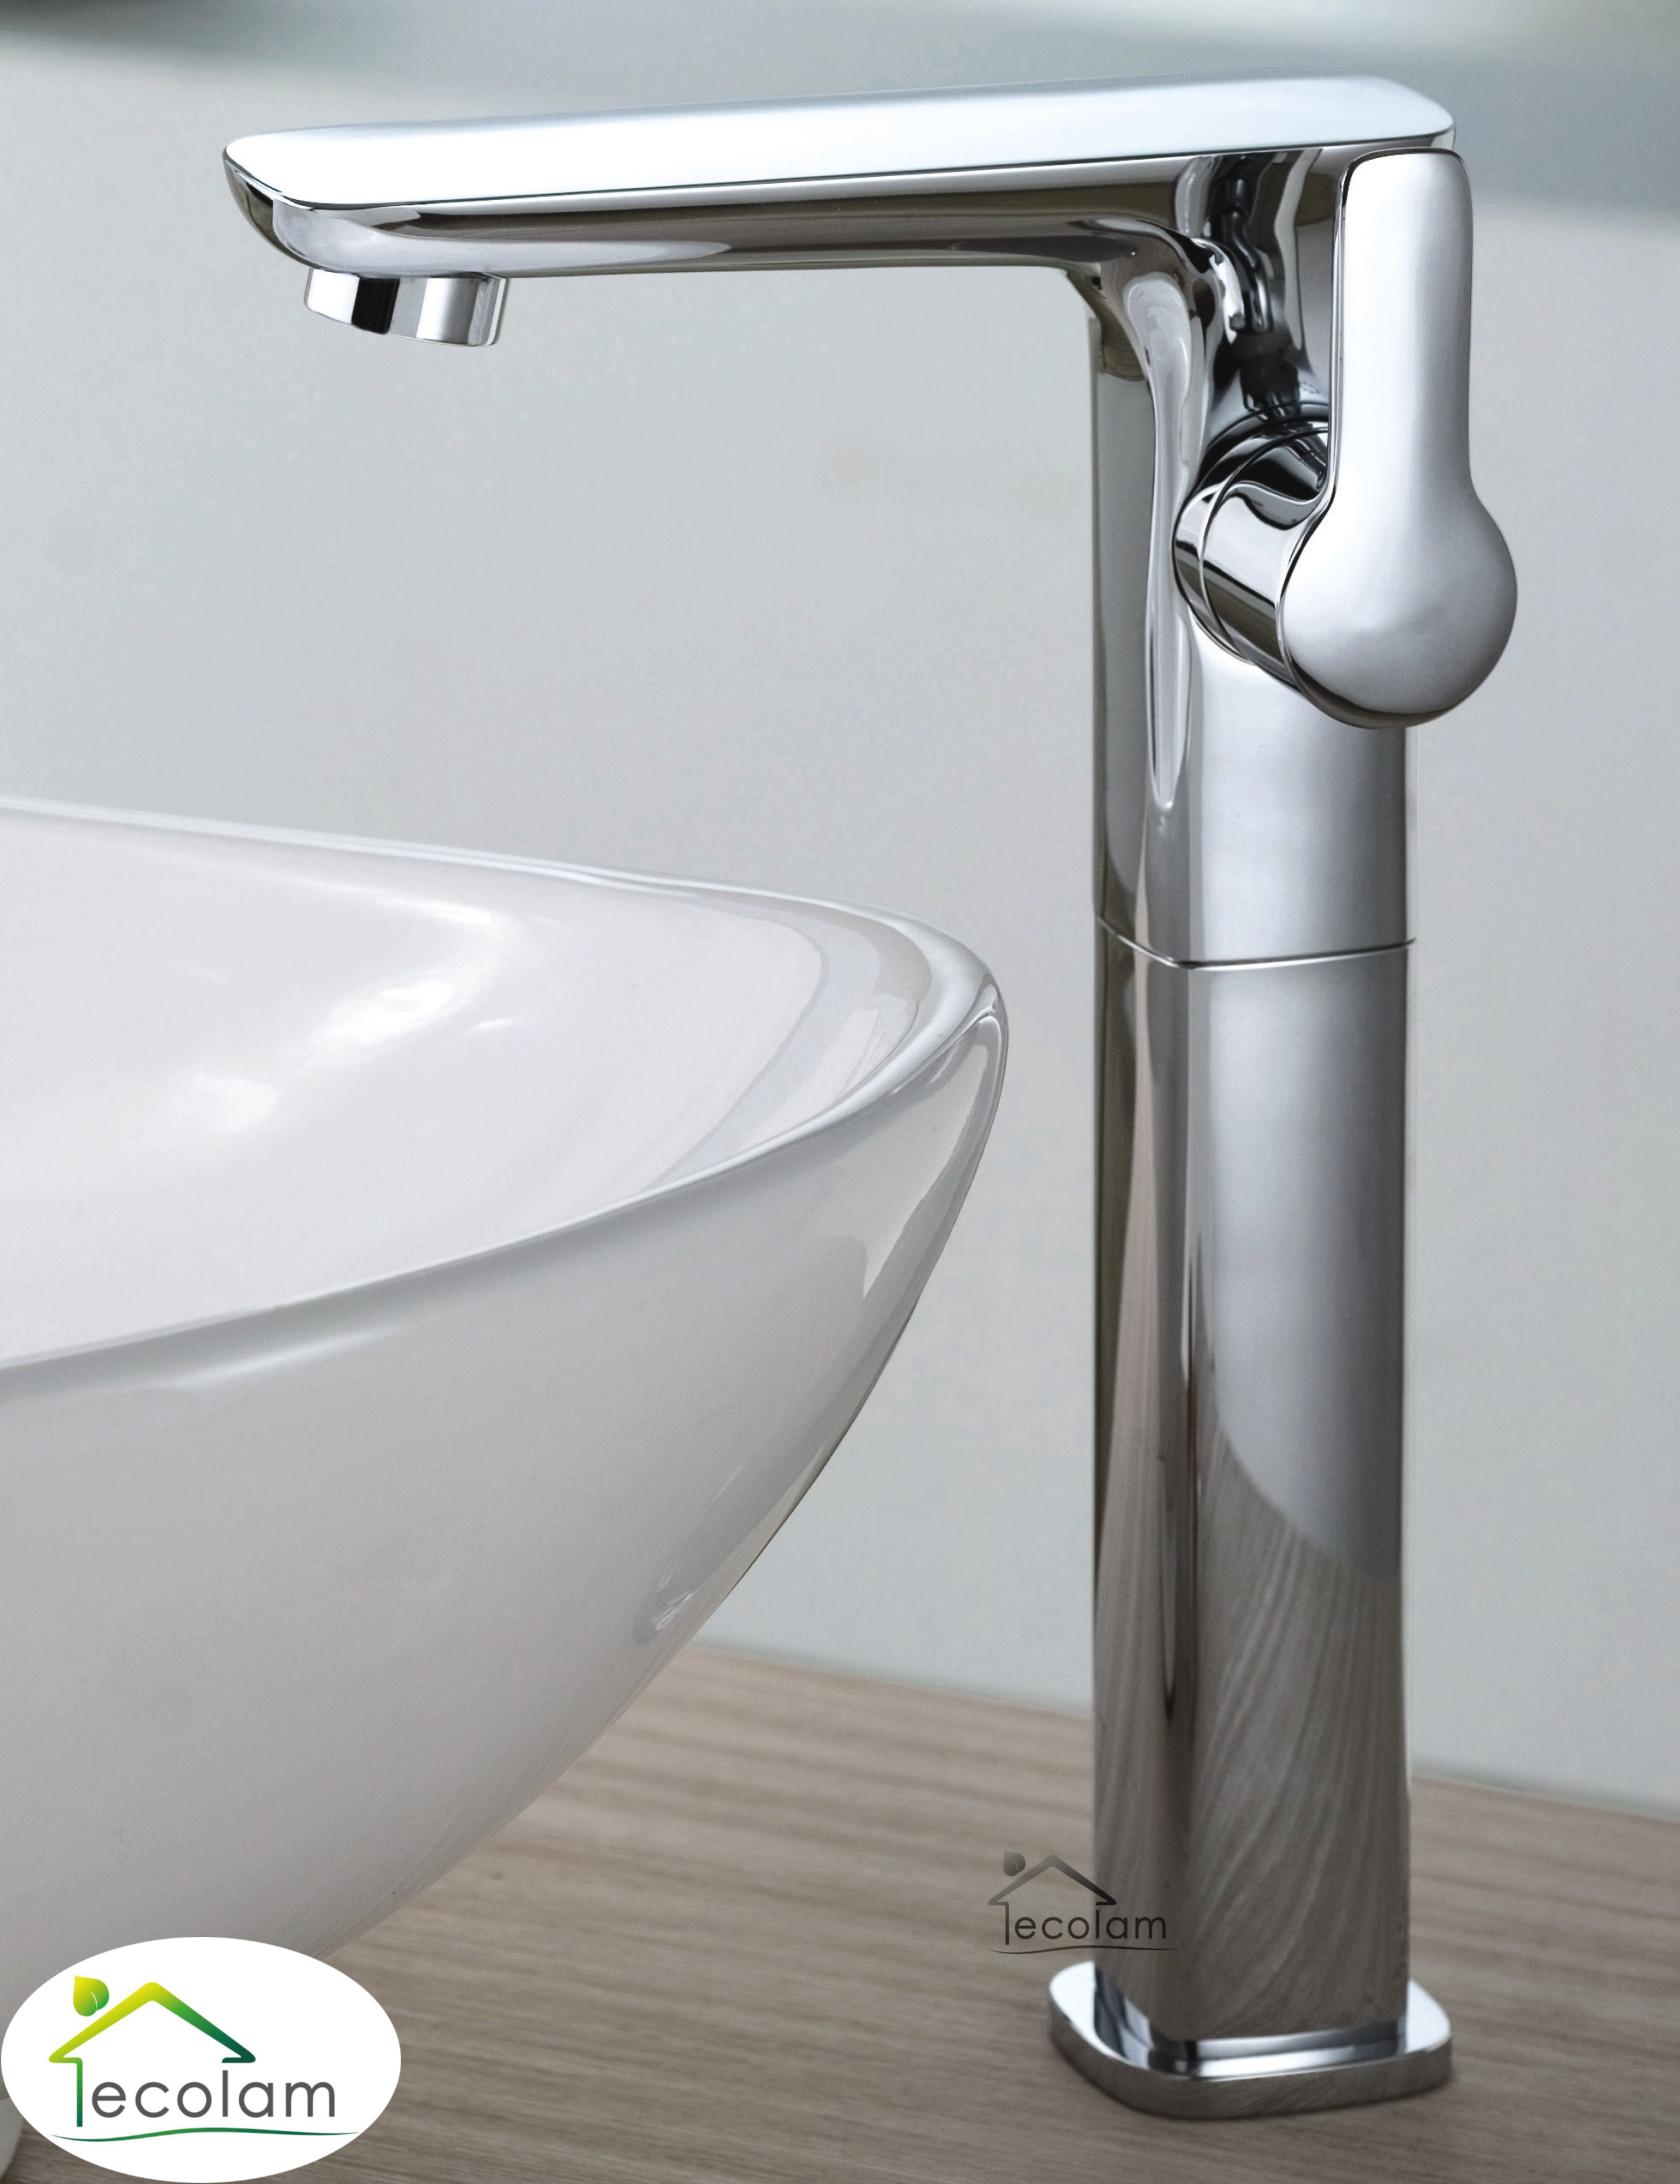 waschtischarmatur einhebelmischer aufsatzbecken chrom stand armatur hoch hu ebay. Black Bedroom Furniture Sets. Home Design Ideas